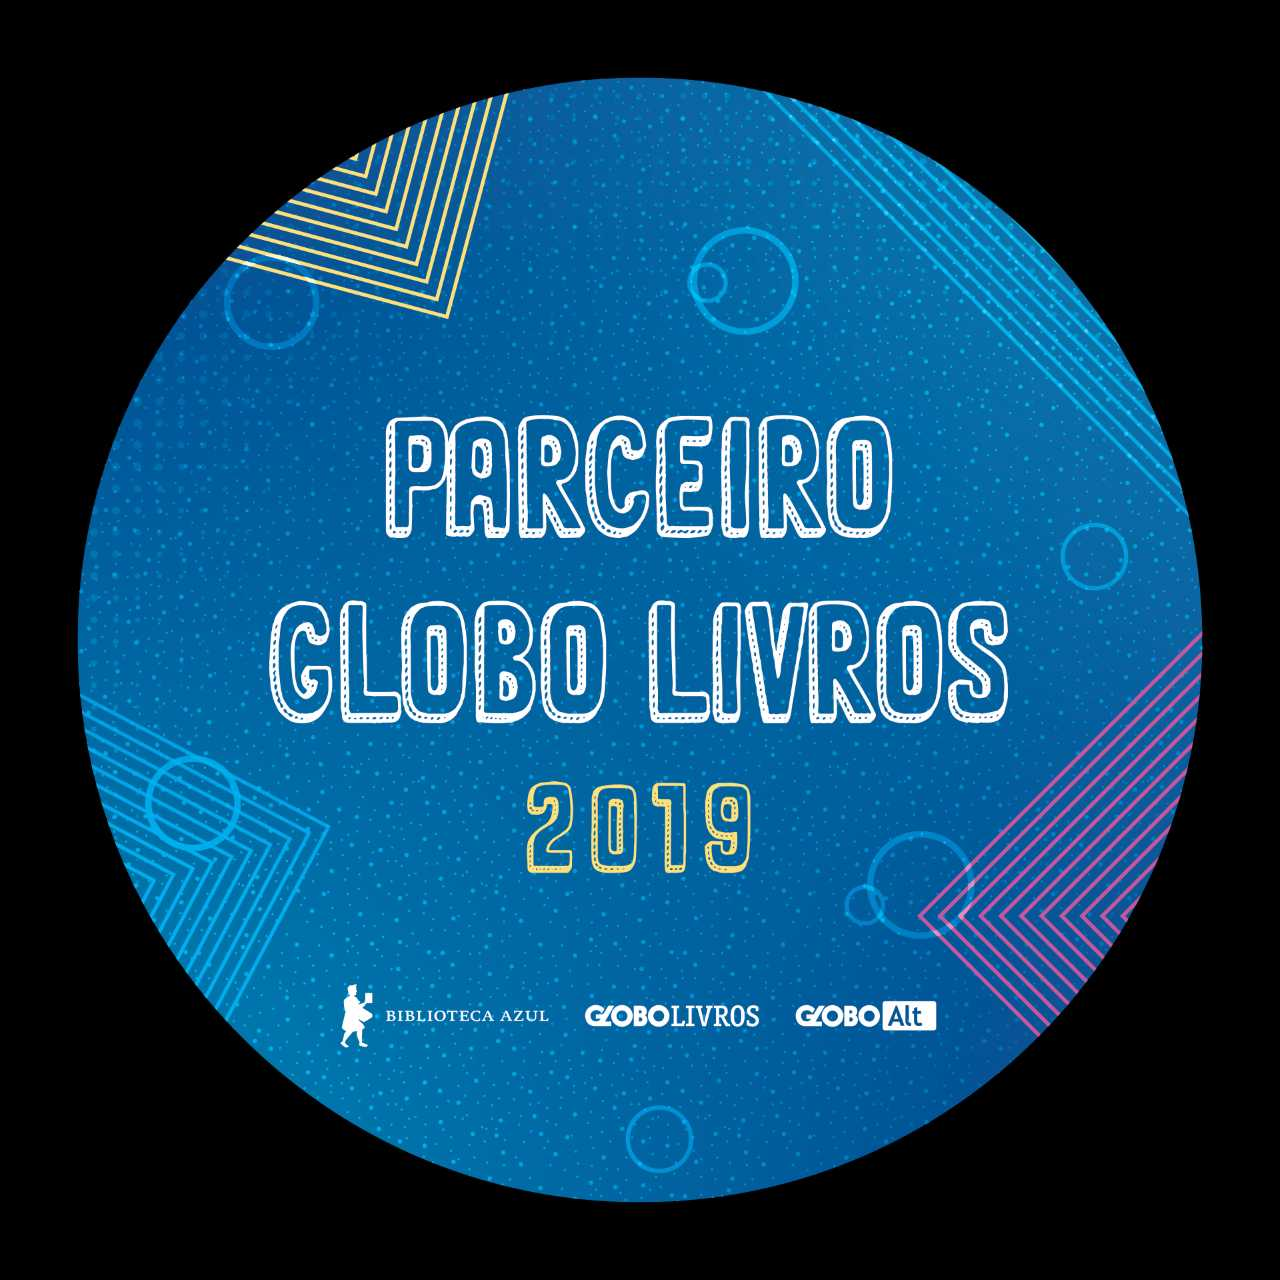 Globo Livros 2019